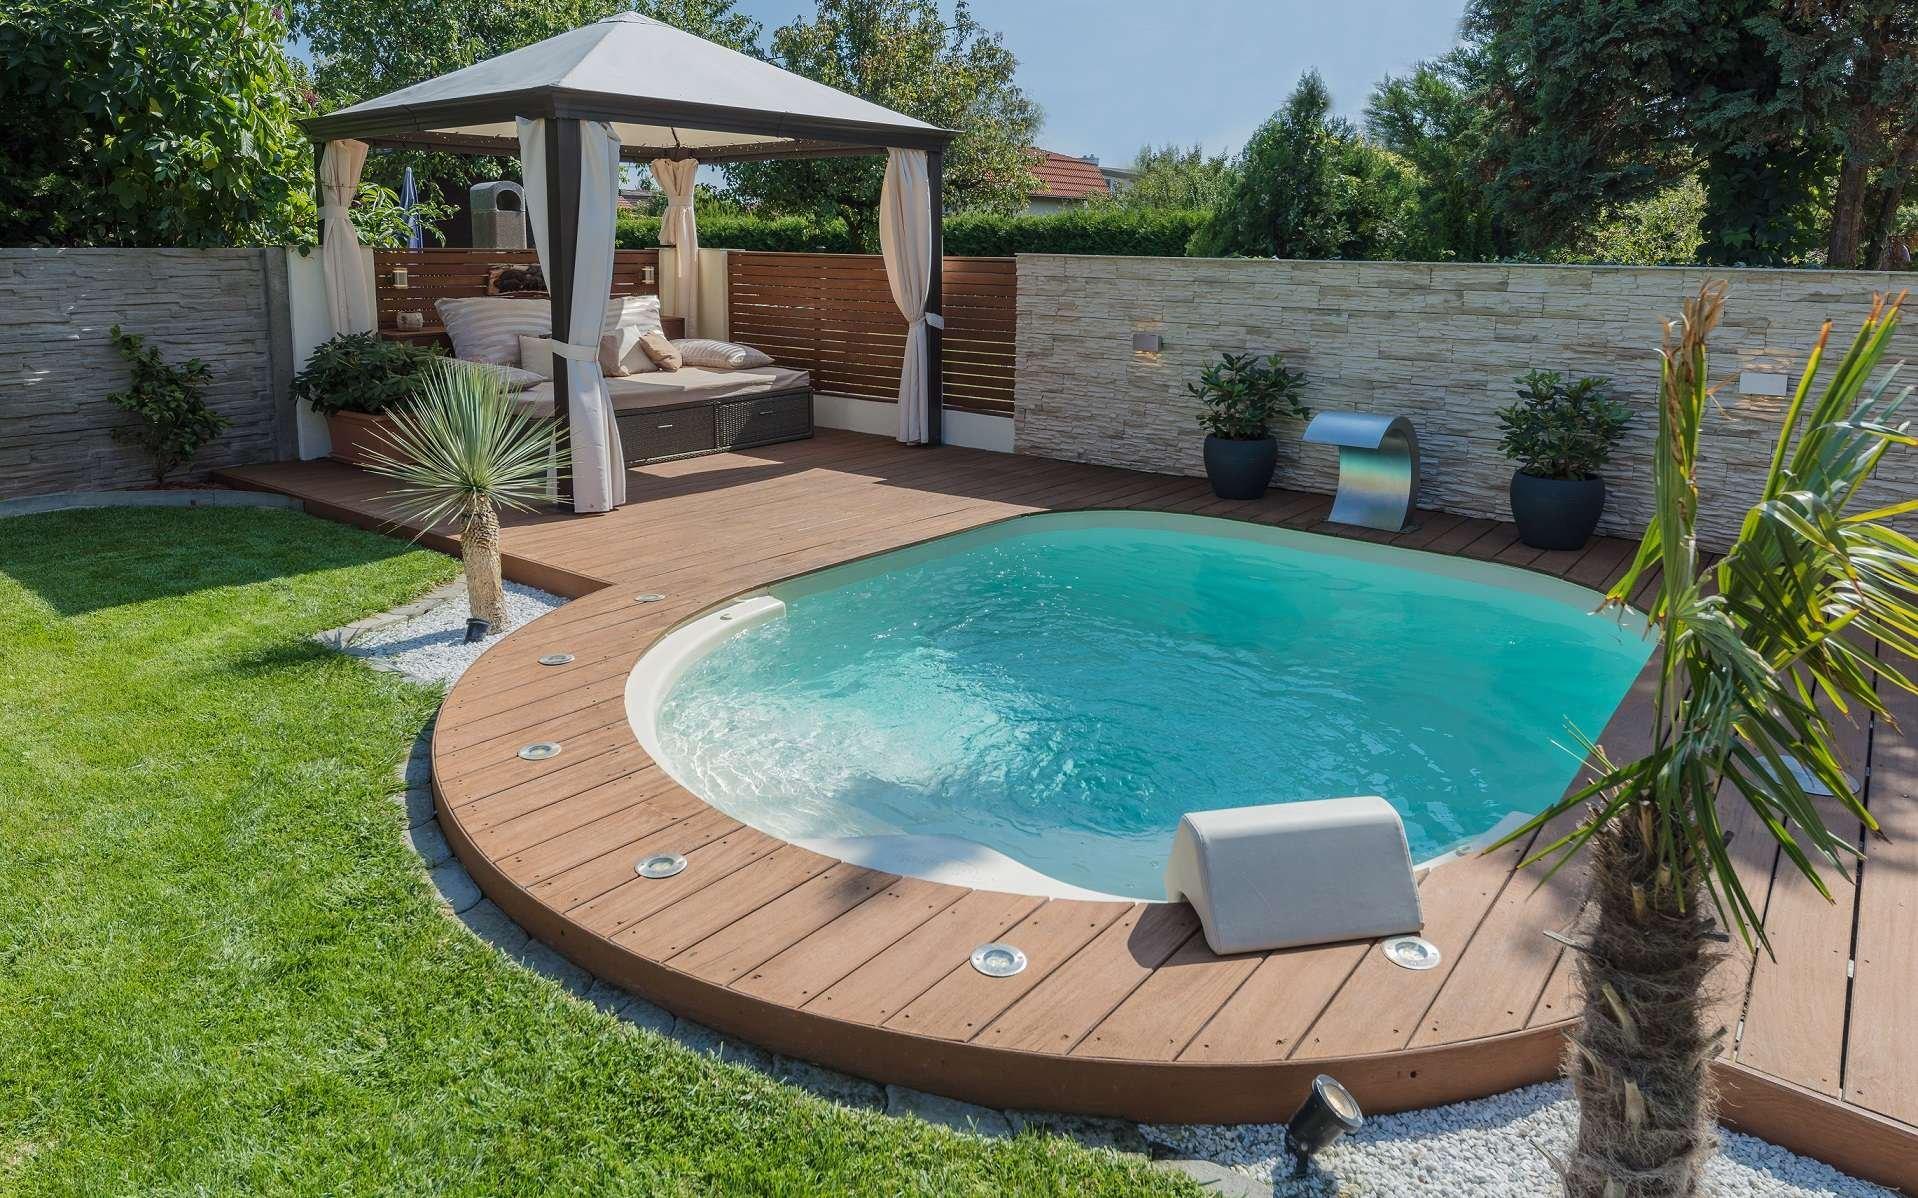 Vite ma piscine ! - cover